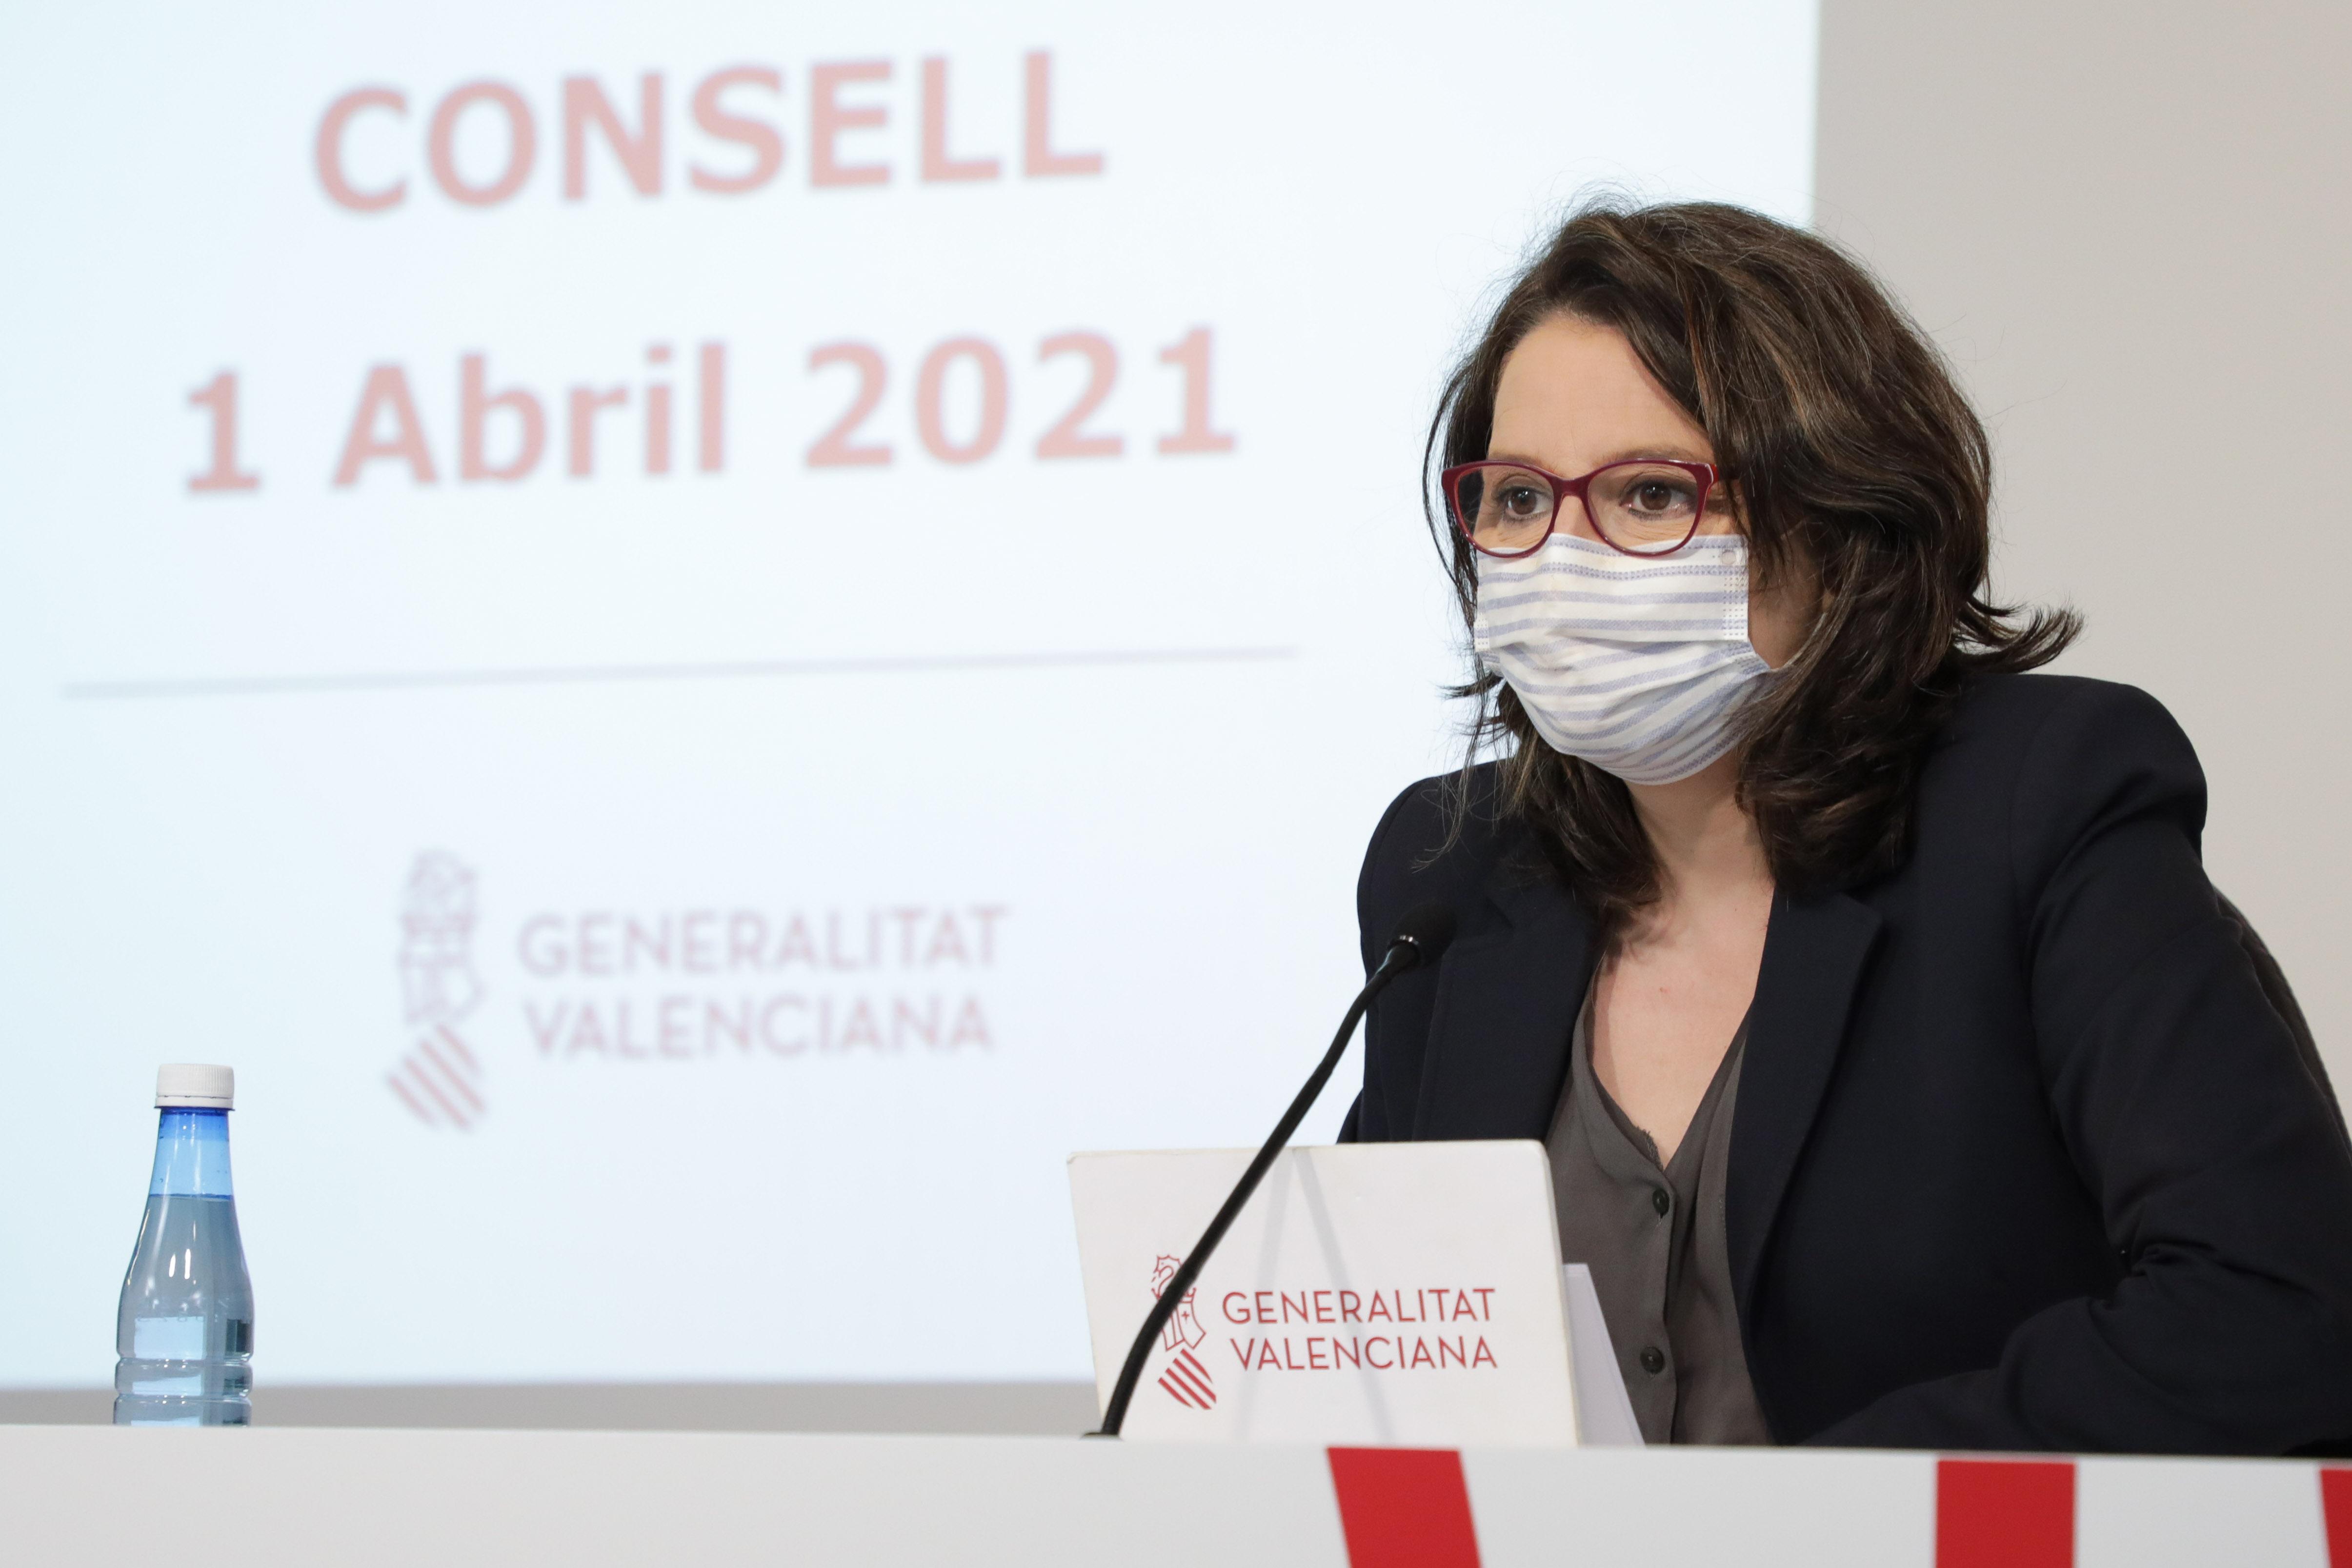 """El Consell aprova un decret llei que agilitza la reactivació de l""""economia valenciana amb les inversions del Pla de recuperació de la UE"""